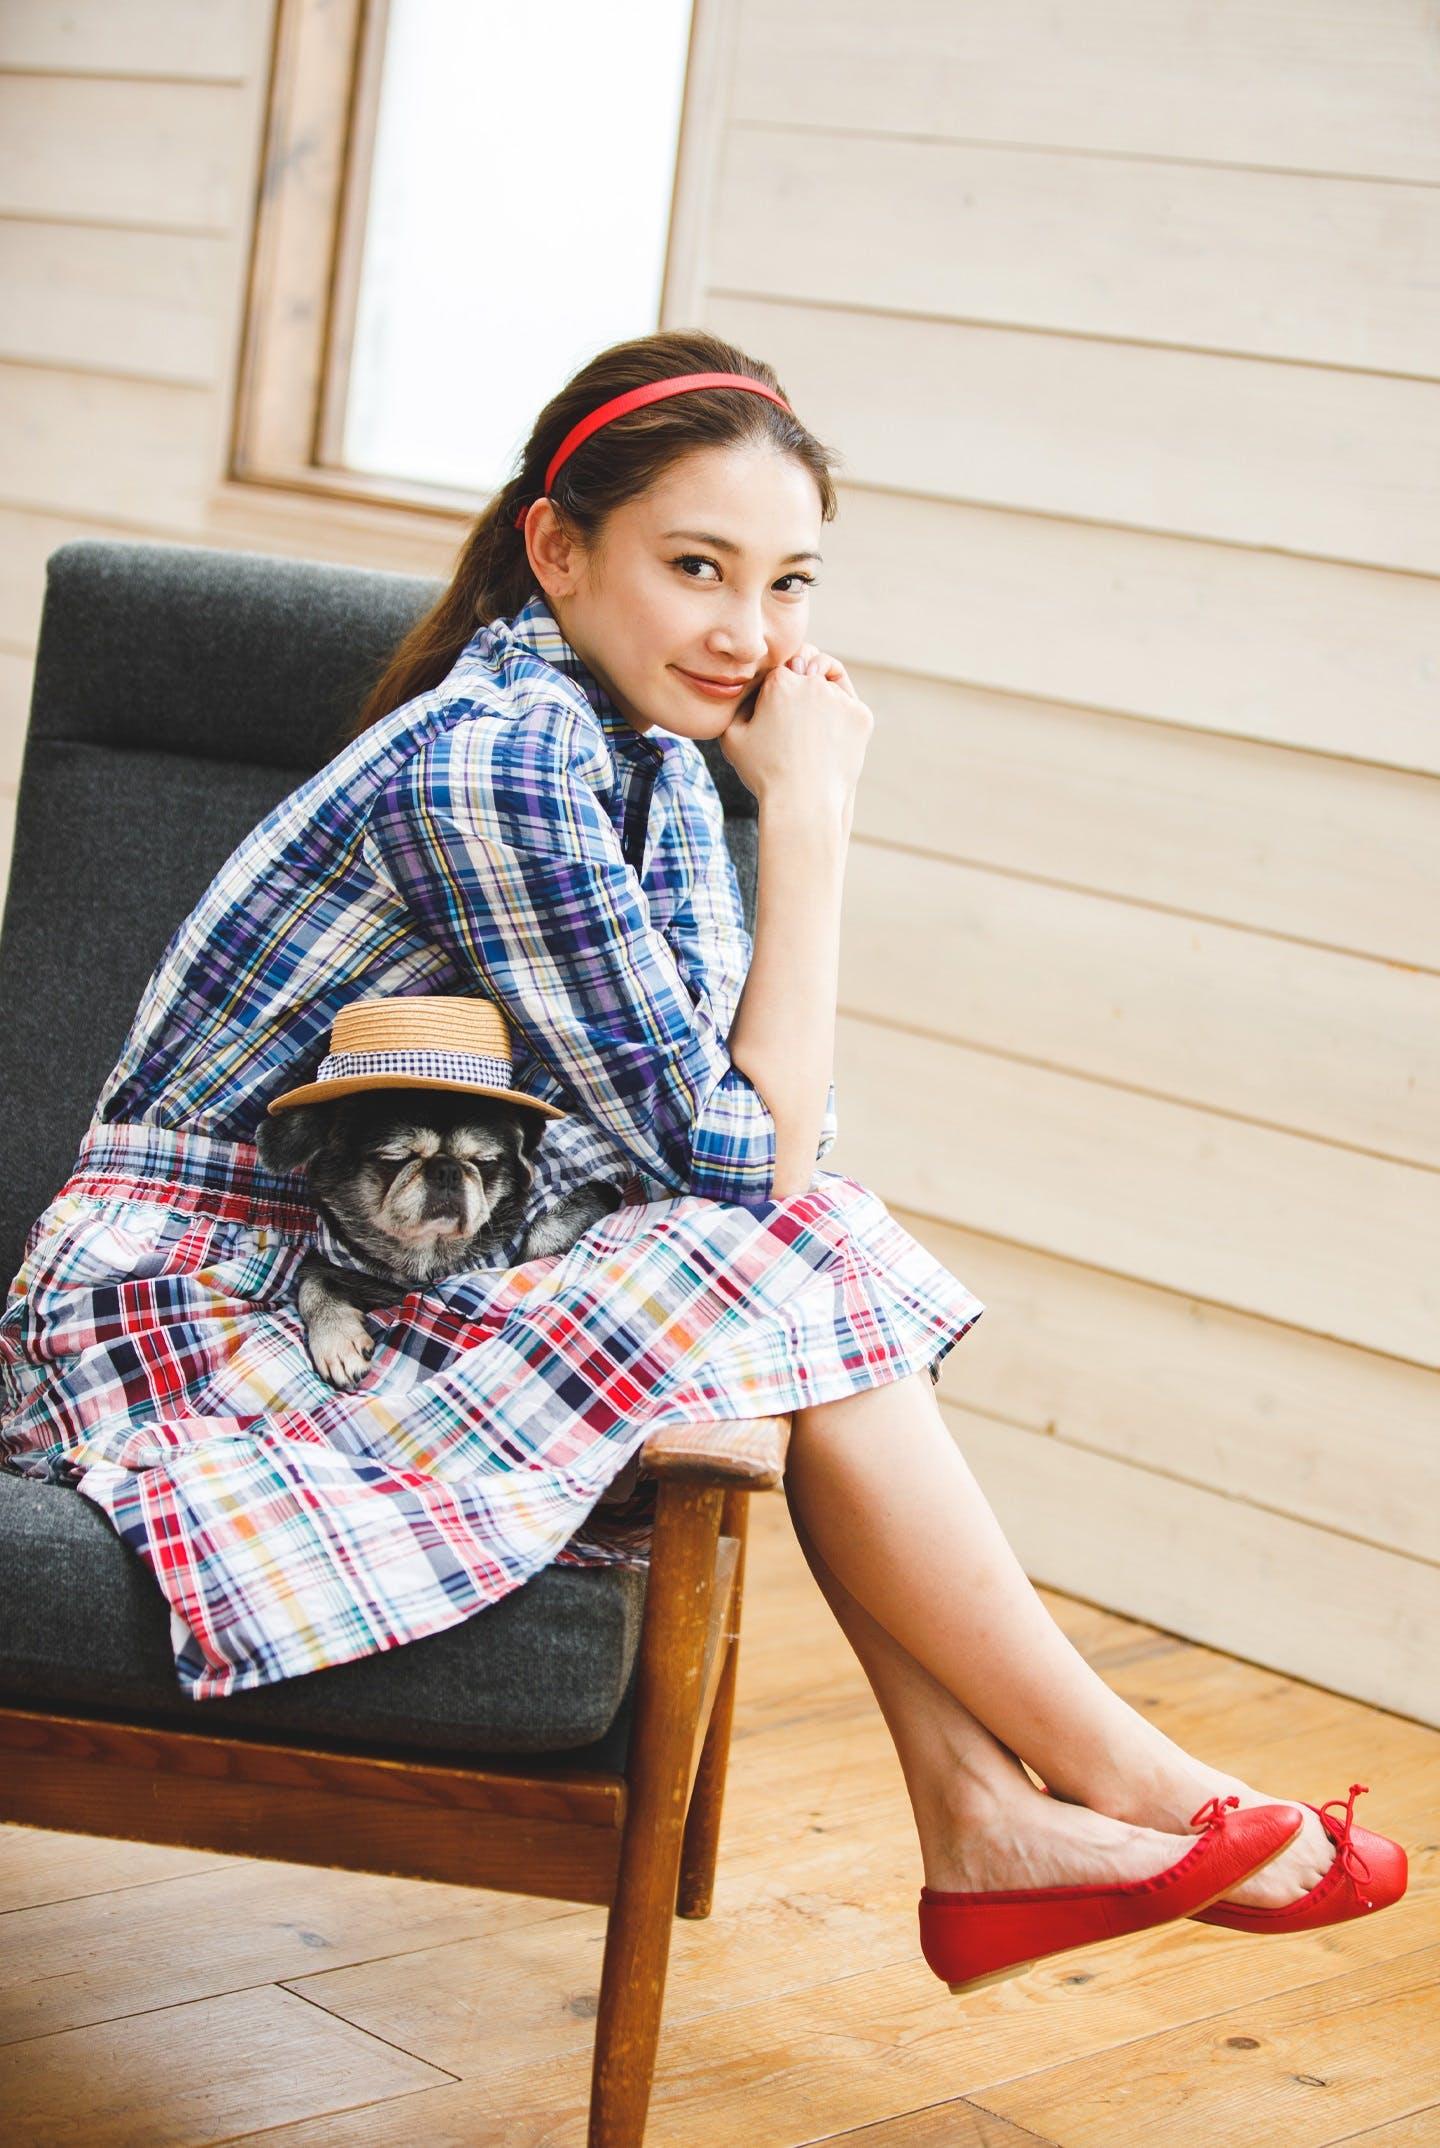 愛犬とリンクコーデ『チェック』